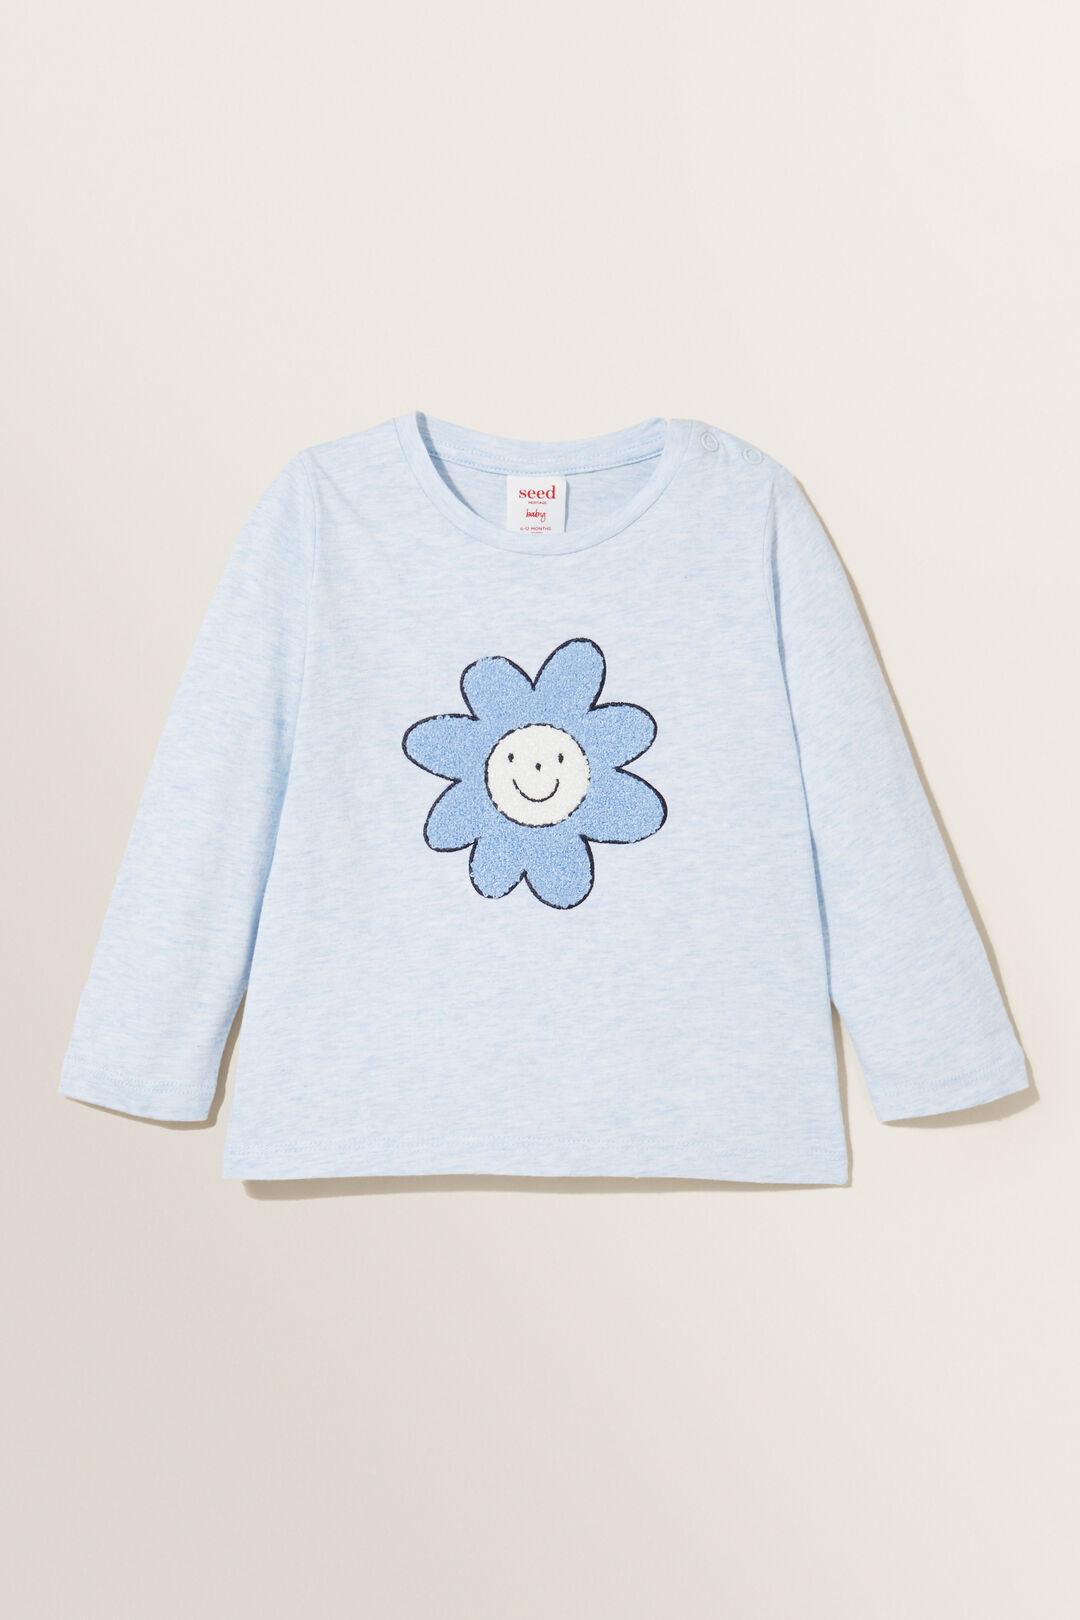 Daisy Long Sleeve Tee  BLUEBELLE MARLE  hi-res